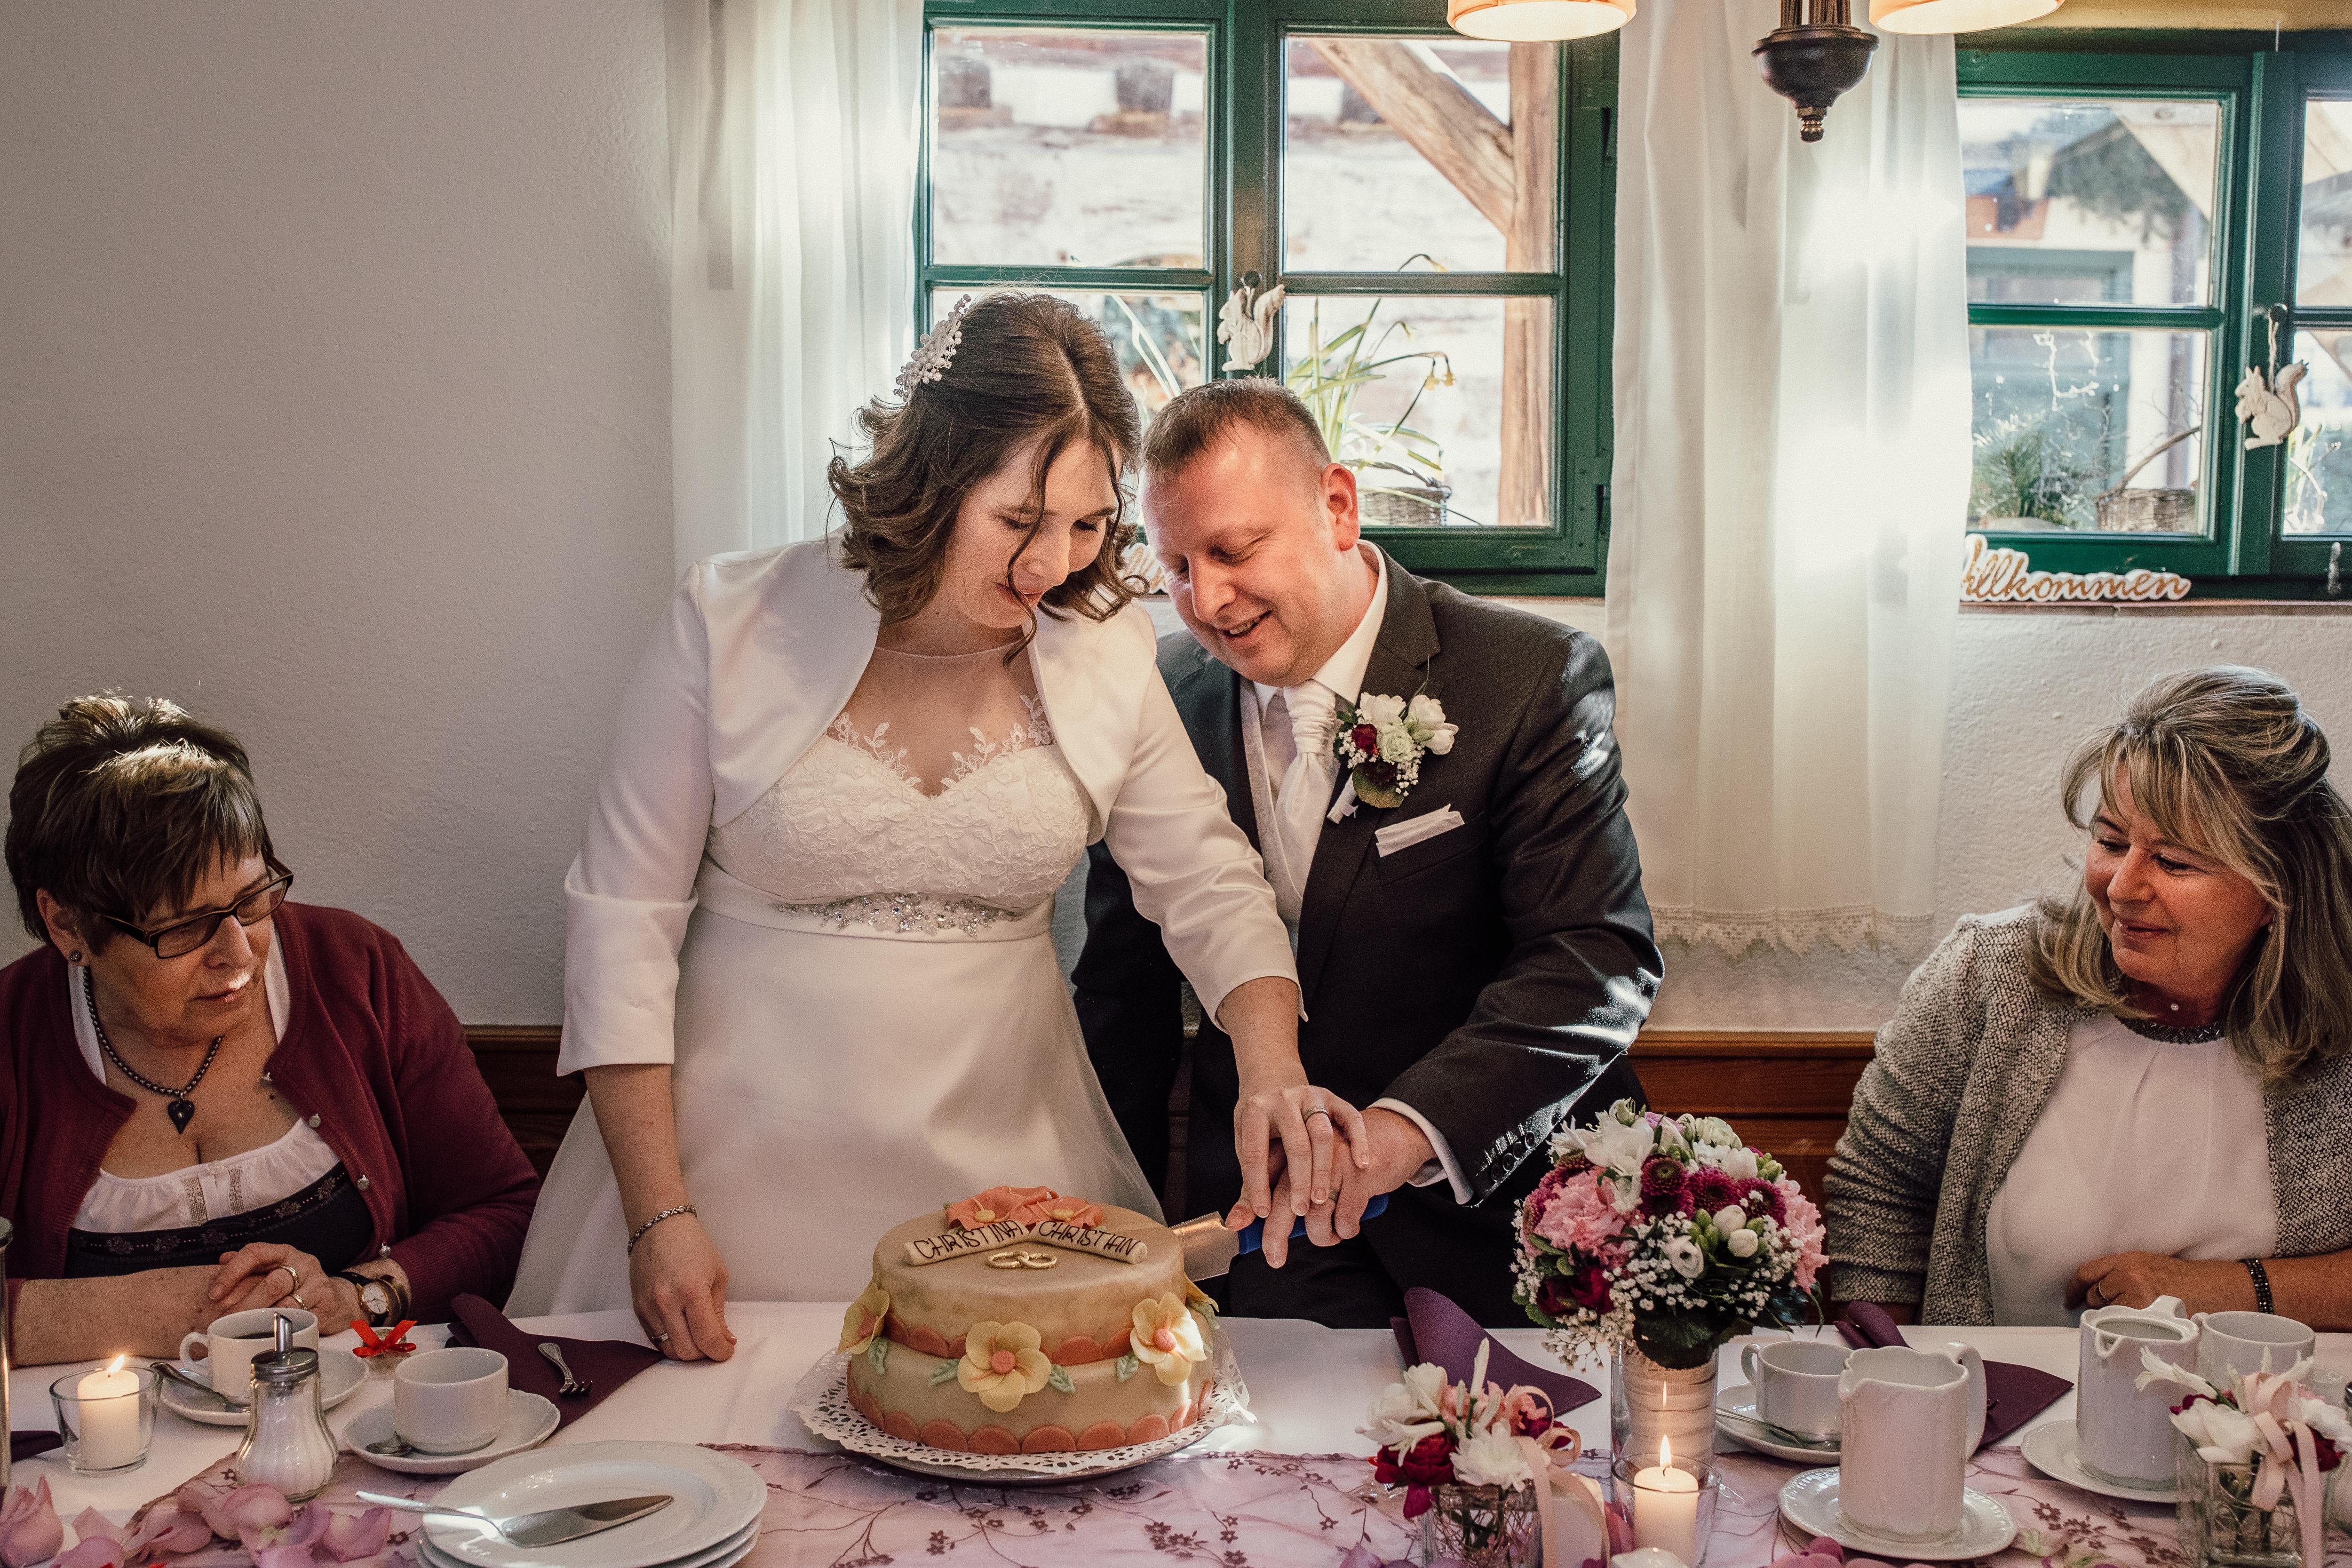 URBANERIE_Daniela_Goth_Hochzeitsfotografin_Nürnberg_Fürth_Erlangen_Schwabach_180223_0740